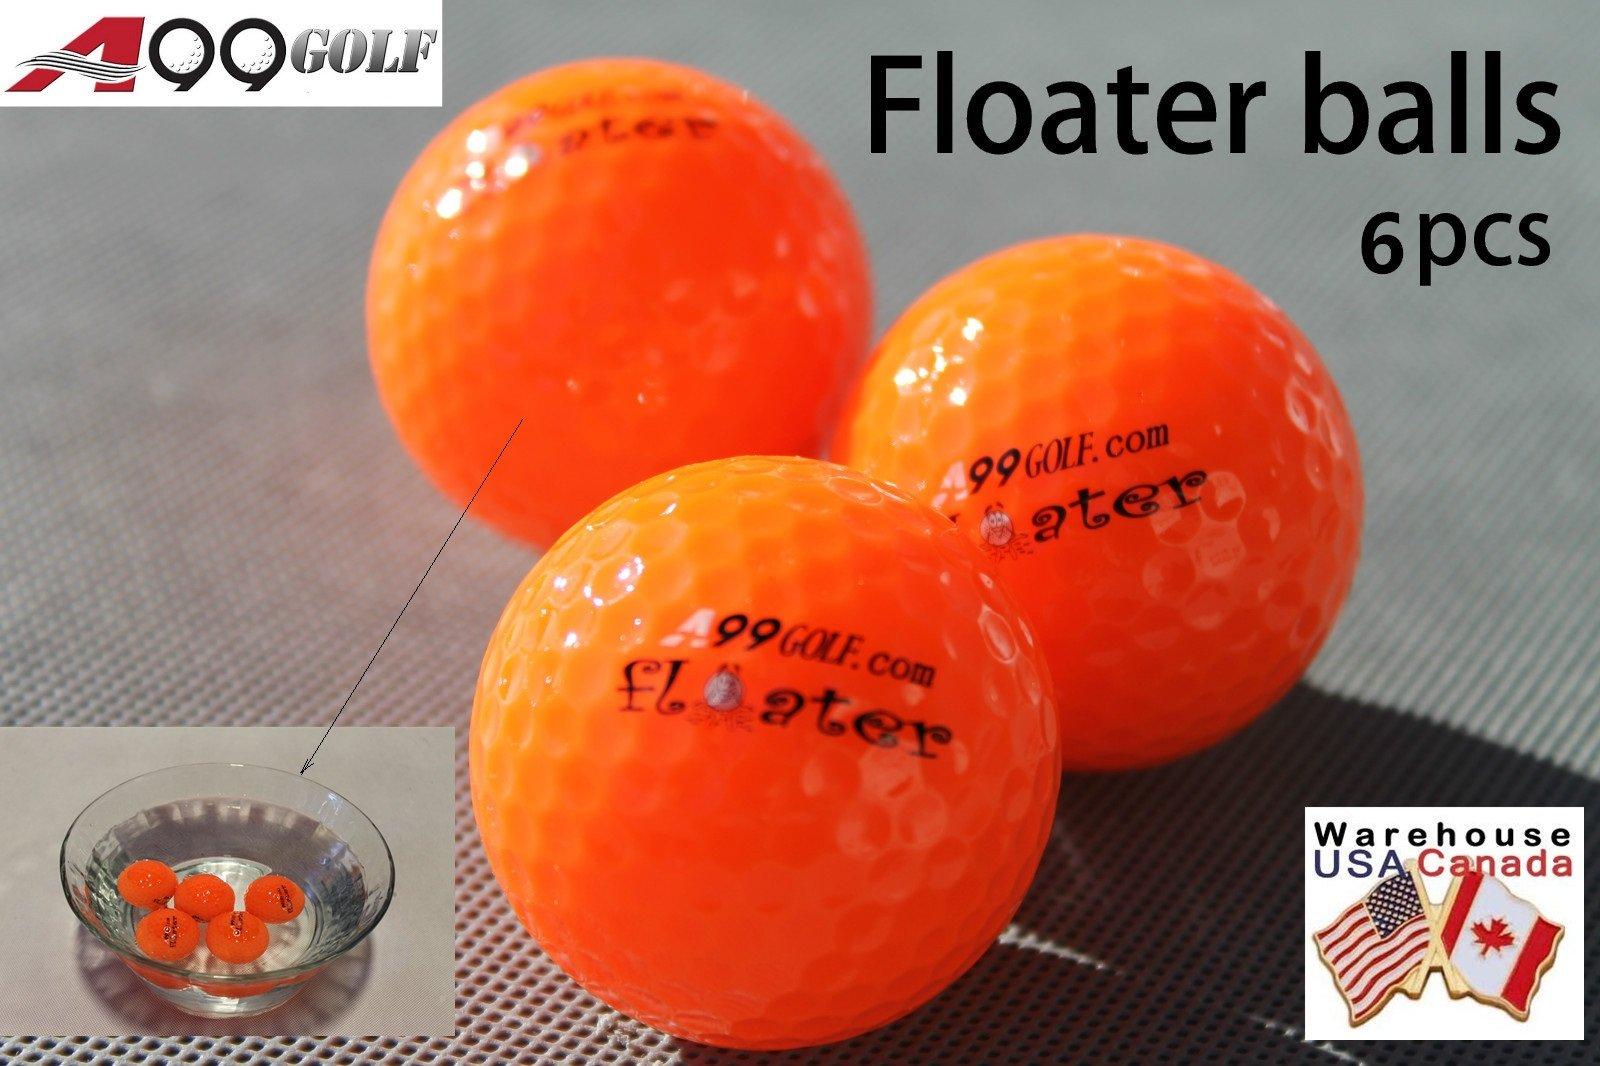 48pcs A99 Golf floater balls orange color with logo - floating balls